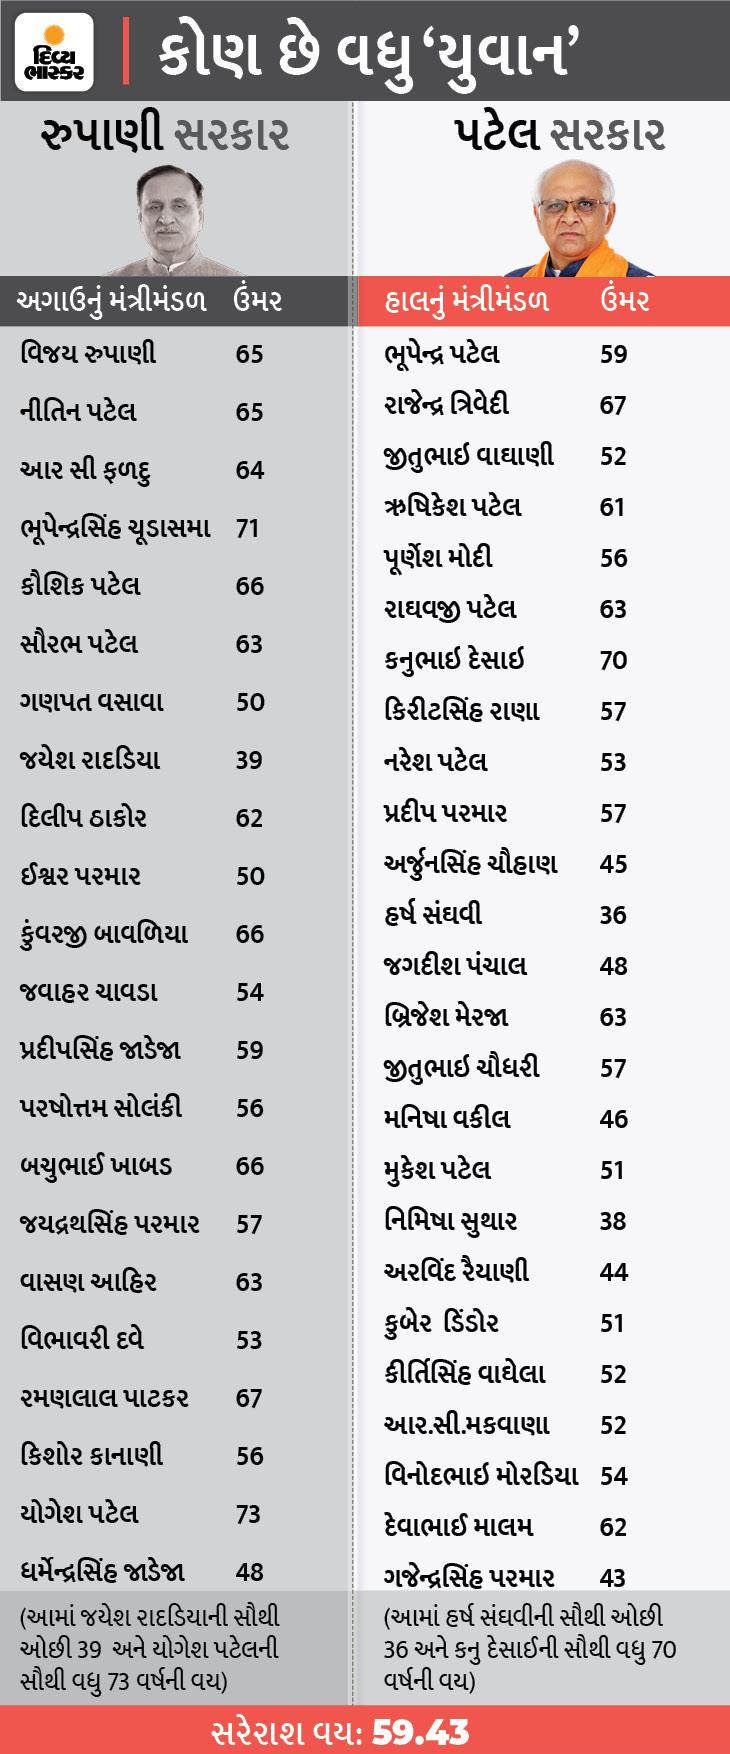 ભૂપેન્દ્ર પટેલને ભલે 'દાદા' કહેતા હોય, પણ તેમનું મંત્રીમંડળ છે રૂપાણી કરતાં 6 વર્ષ યુવાન, સરેરાશ વય 53.48 વર્ષ અમદાવાદ,Ahmedabad - Divya Bhaskar